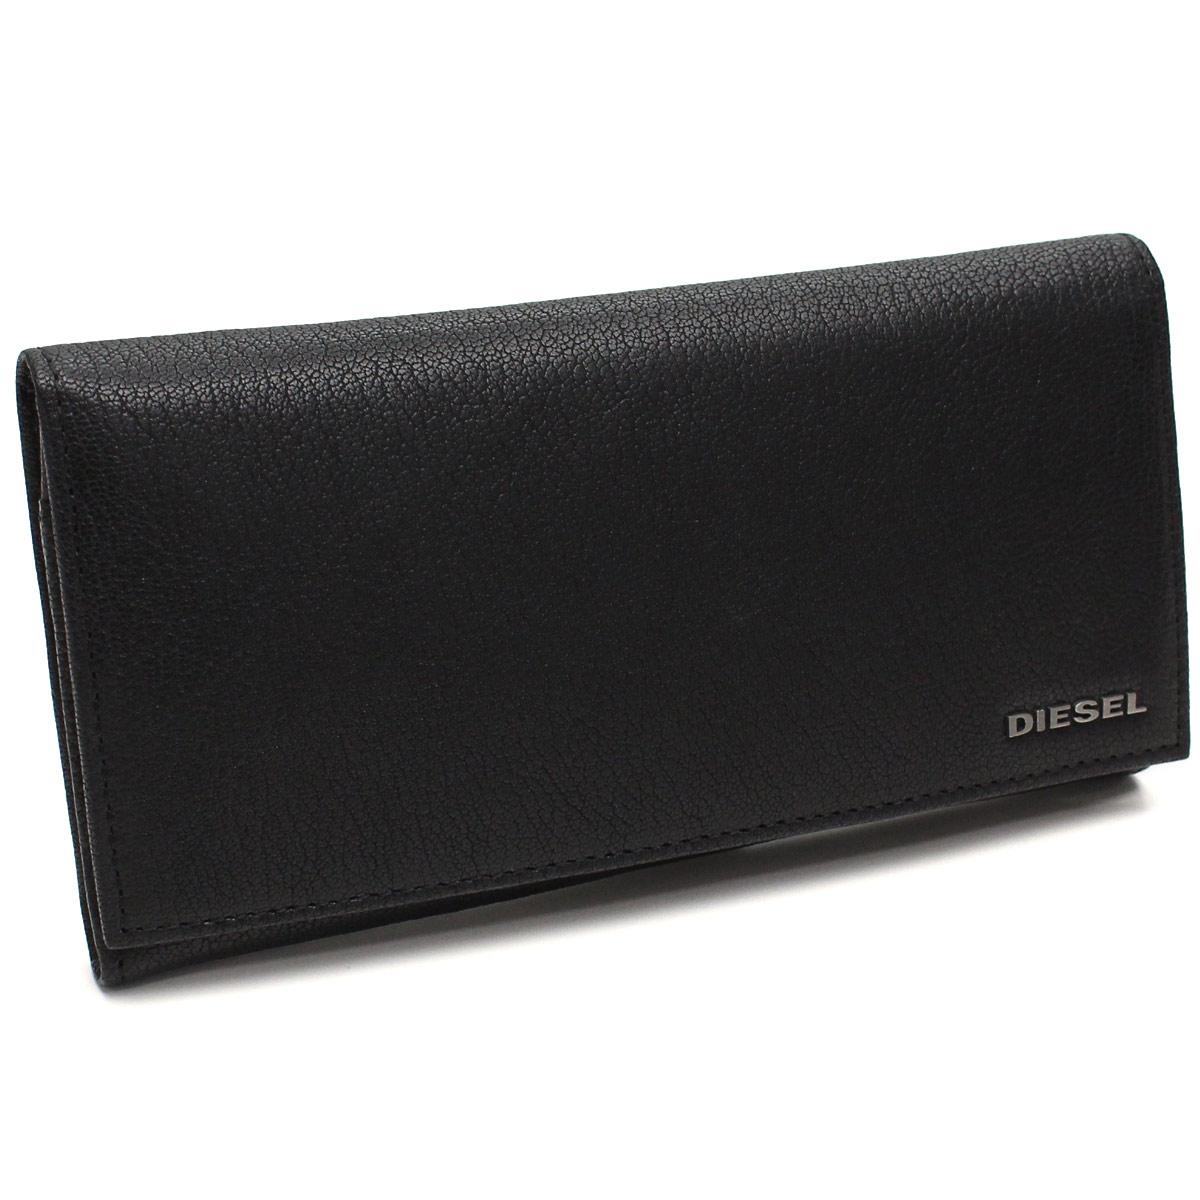 ディーゼル DIESEL 財布 二つ折り 長財布 小銭入付き X03928 PR271 T8013 ブラック メンズ